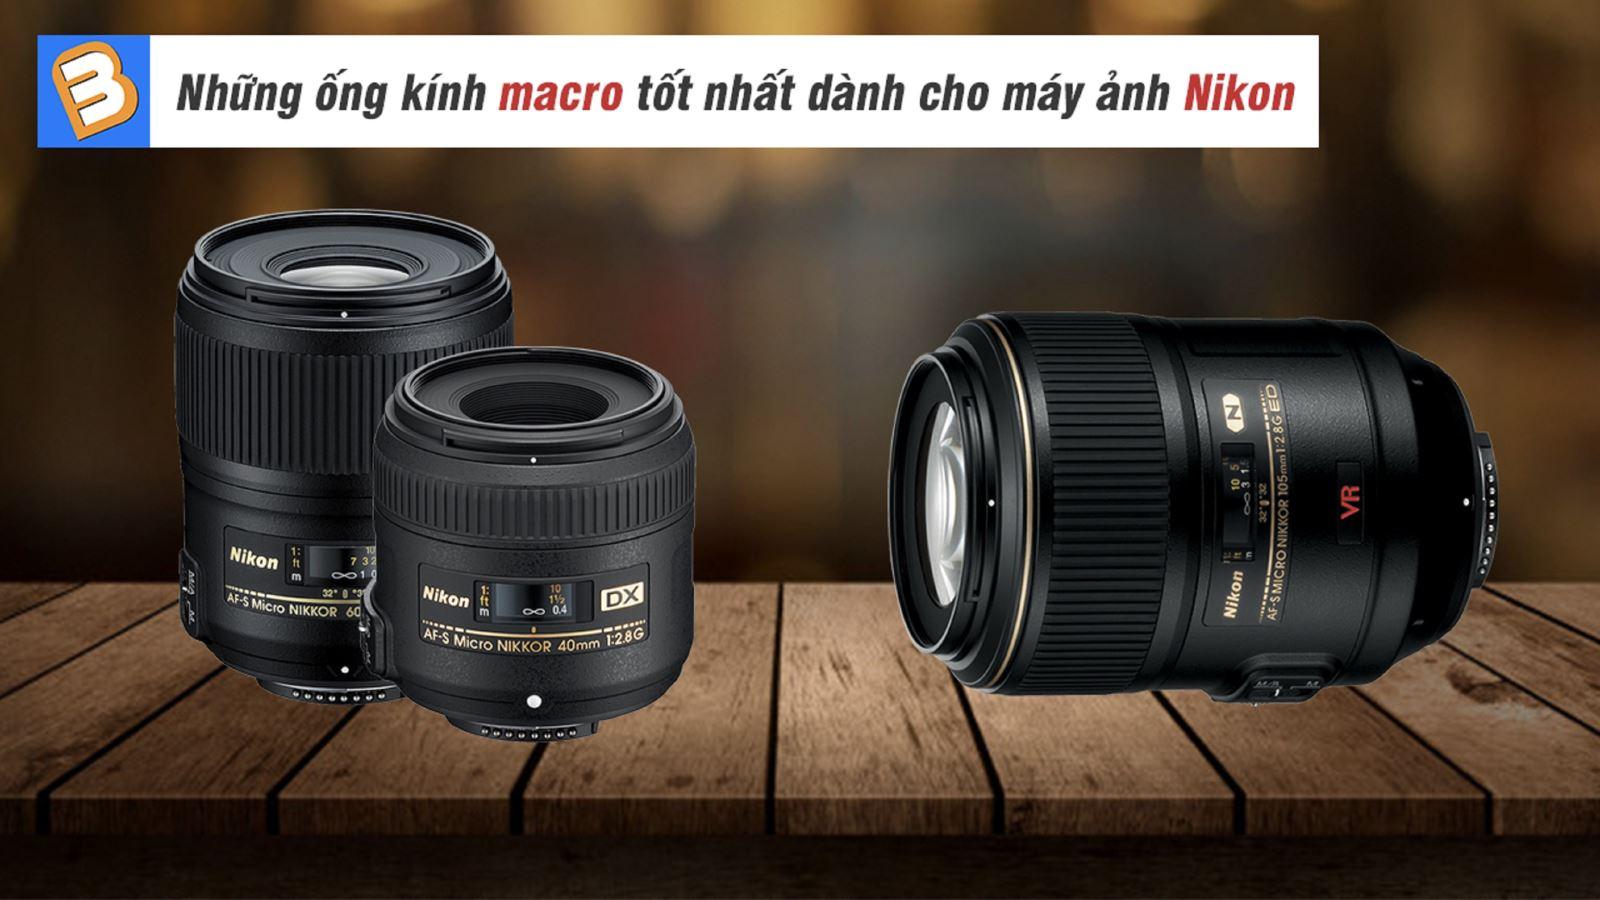 Những ống kính macro tốt nhất dành cho máy ảnh Nikon